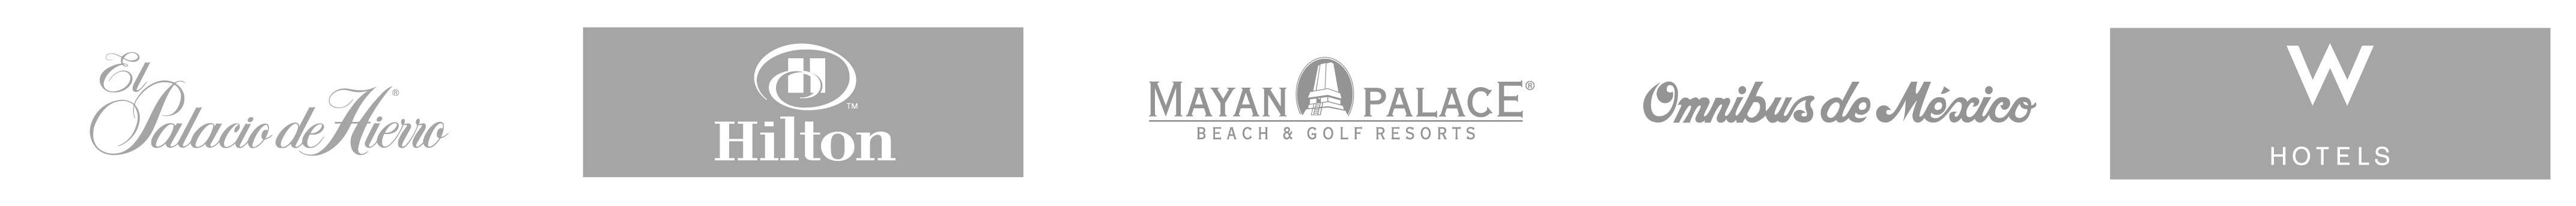 algunos de nuestros clientes palacio de hierro + hilton + mayan palace + omnibus de mexico + w hotels